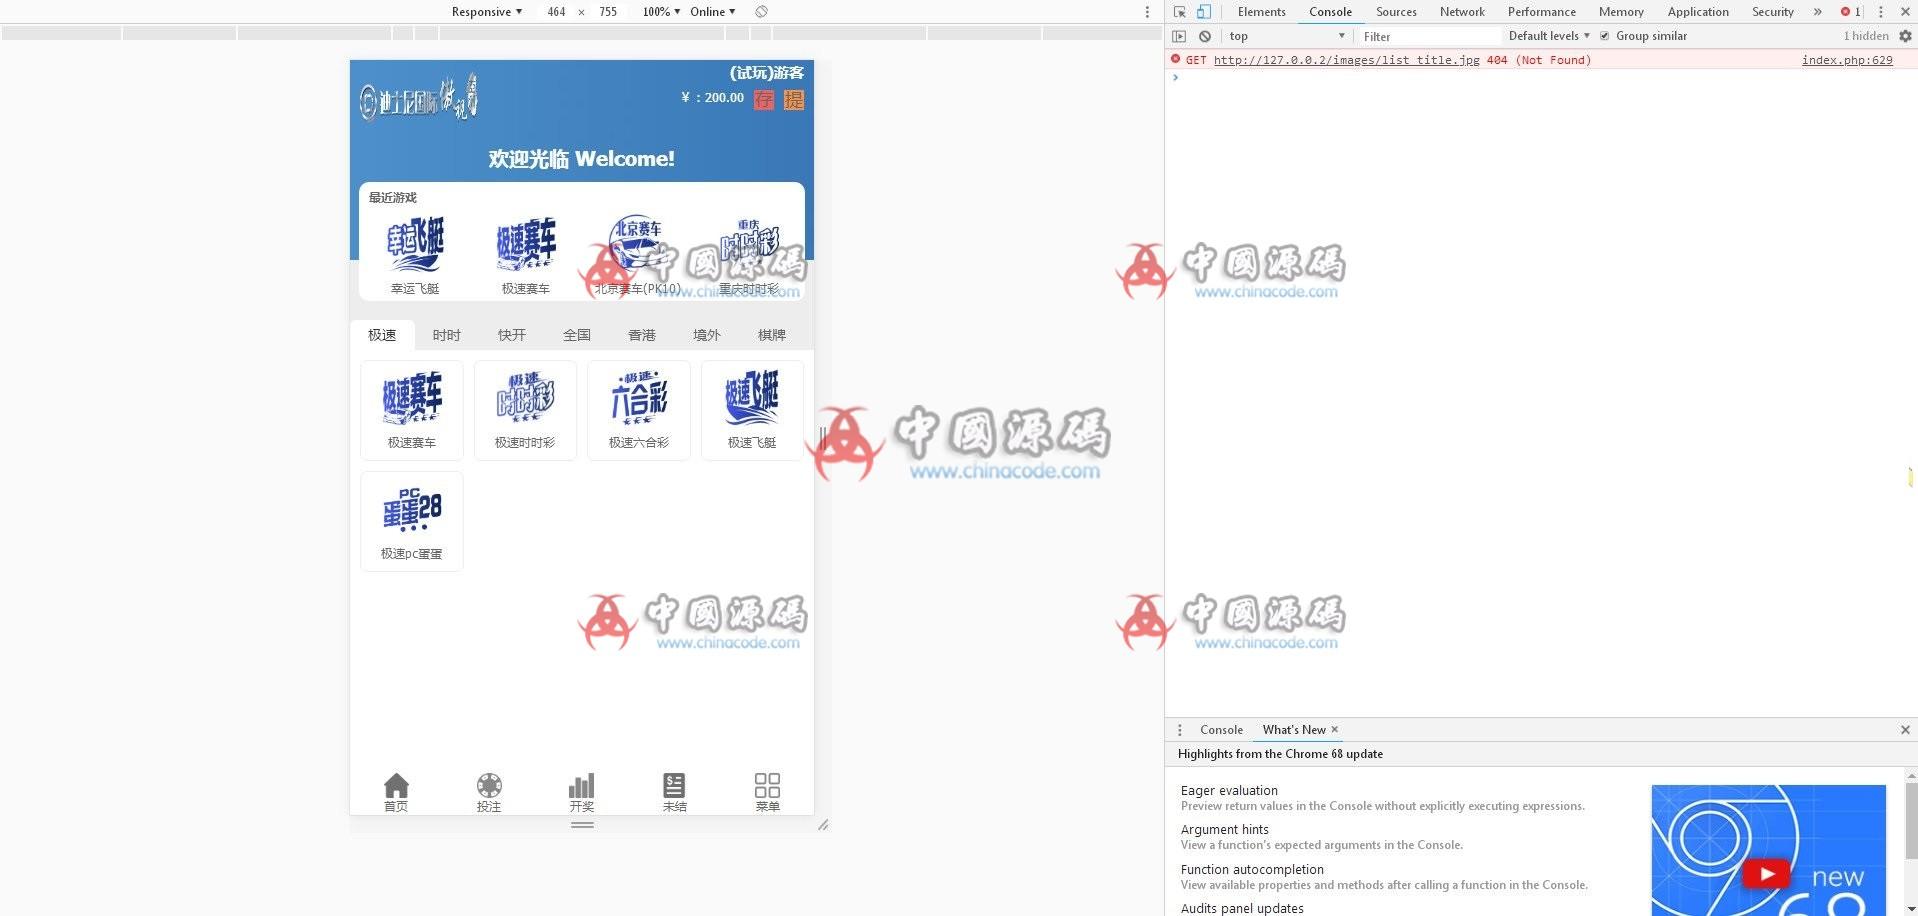 【亲测】新UI迪士尼3整站源码+WAP手机端+修复采集+完整安装教程【去除后门】 网站-第5张